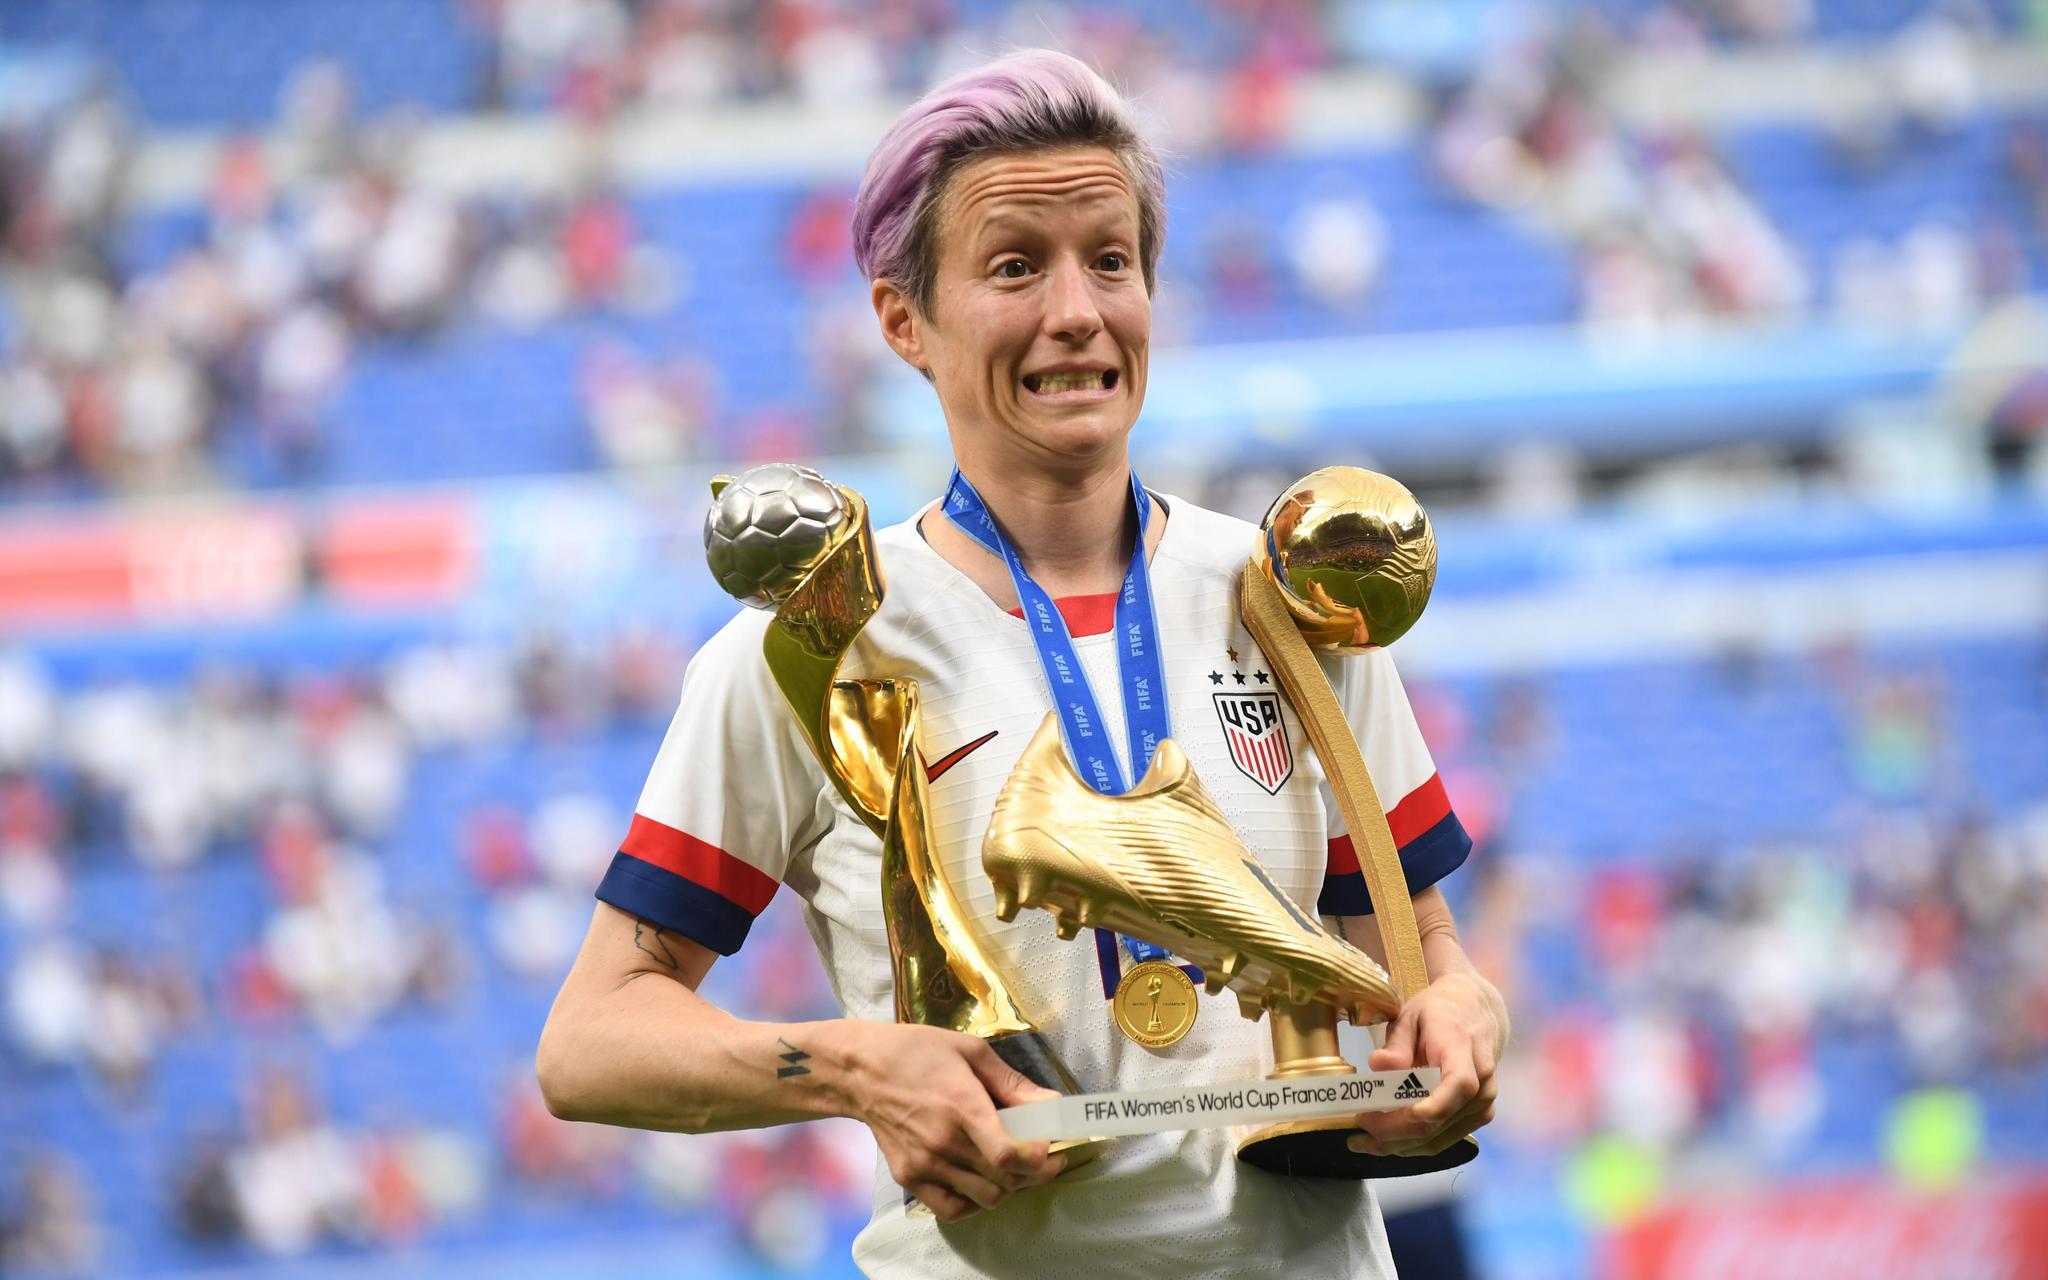 美国女足队长荣获金球奖 她曾与特朗普爆口水战